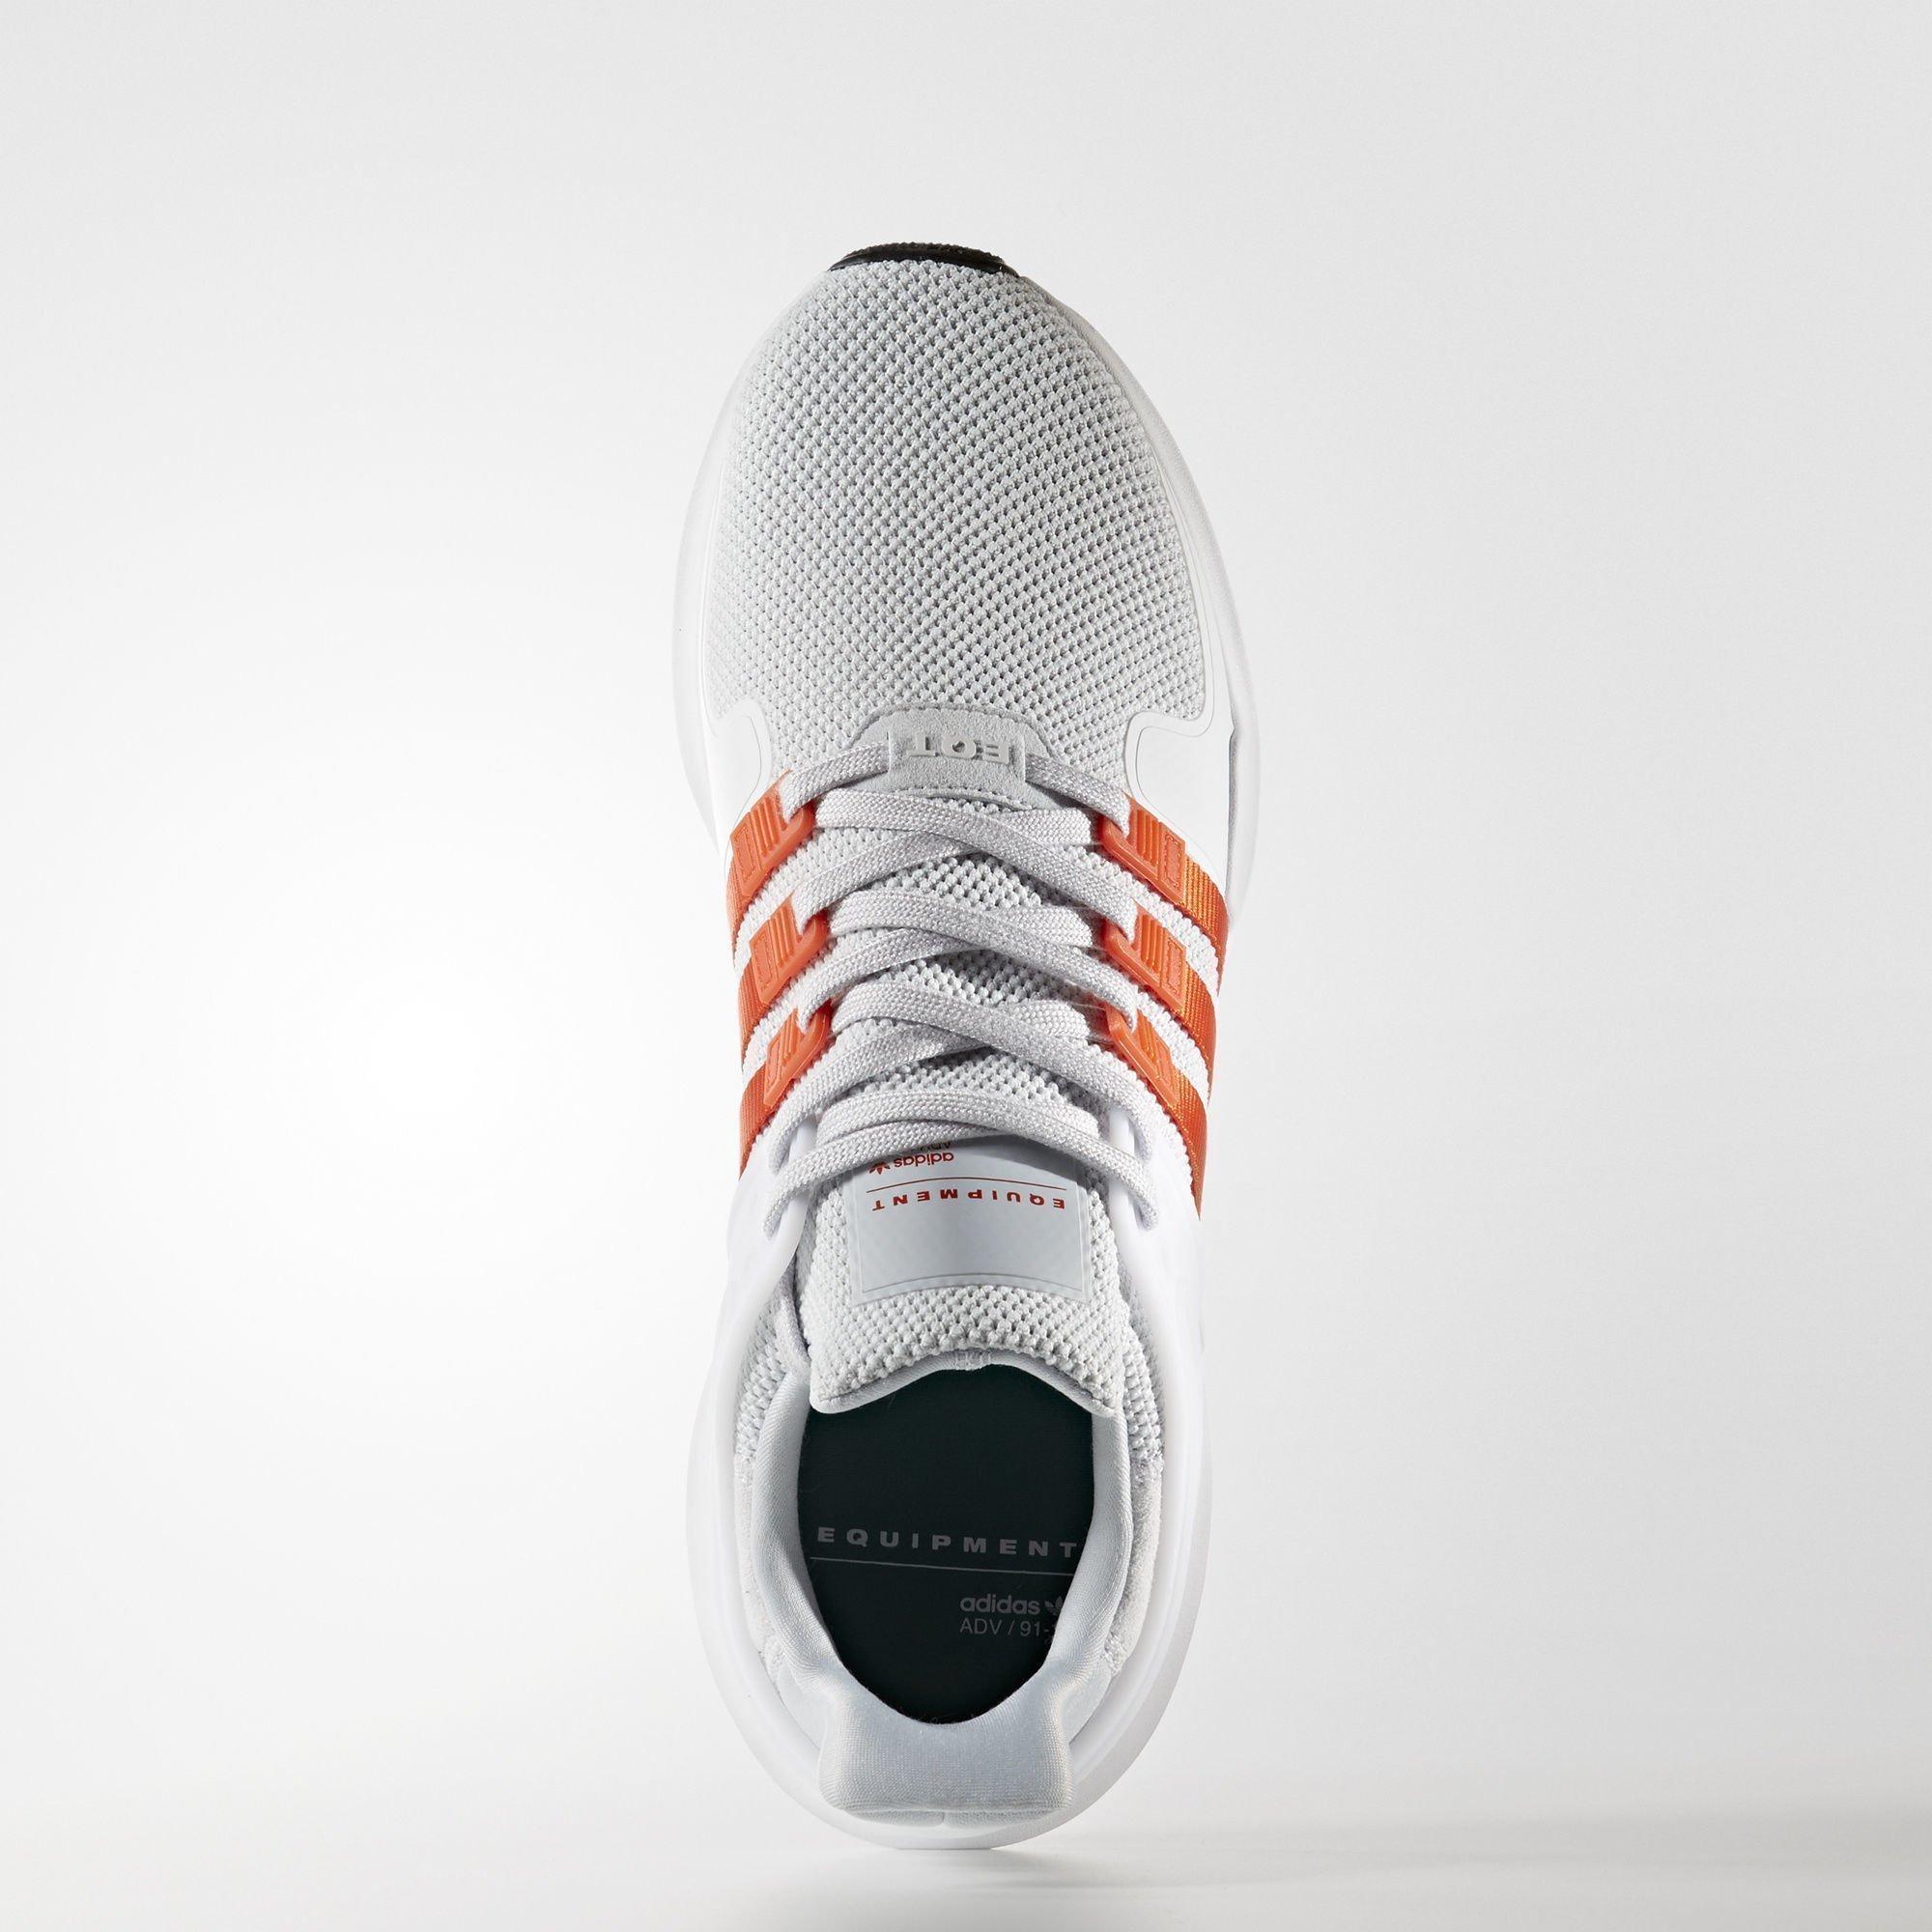 adidas EQT Support ADV Grey Orange (BY9581)